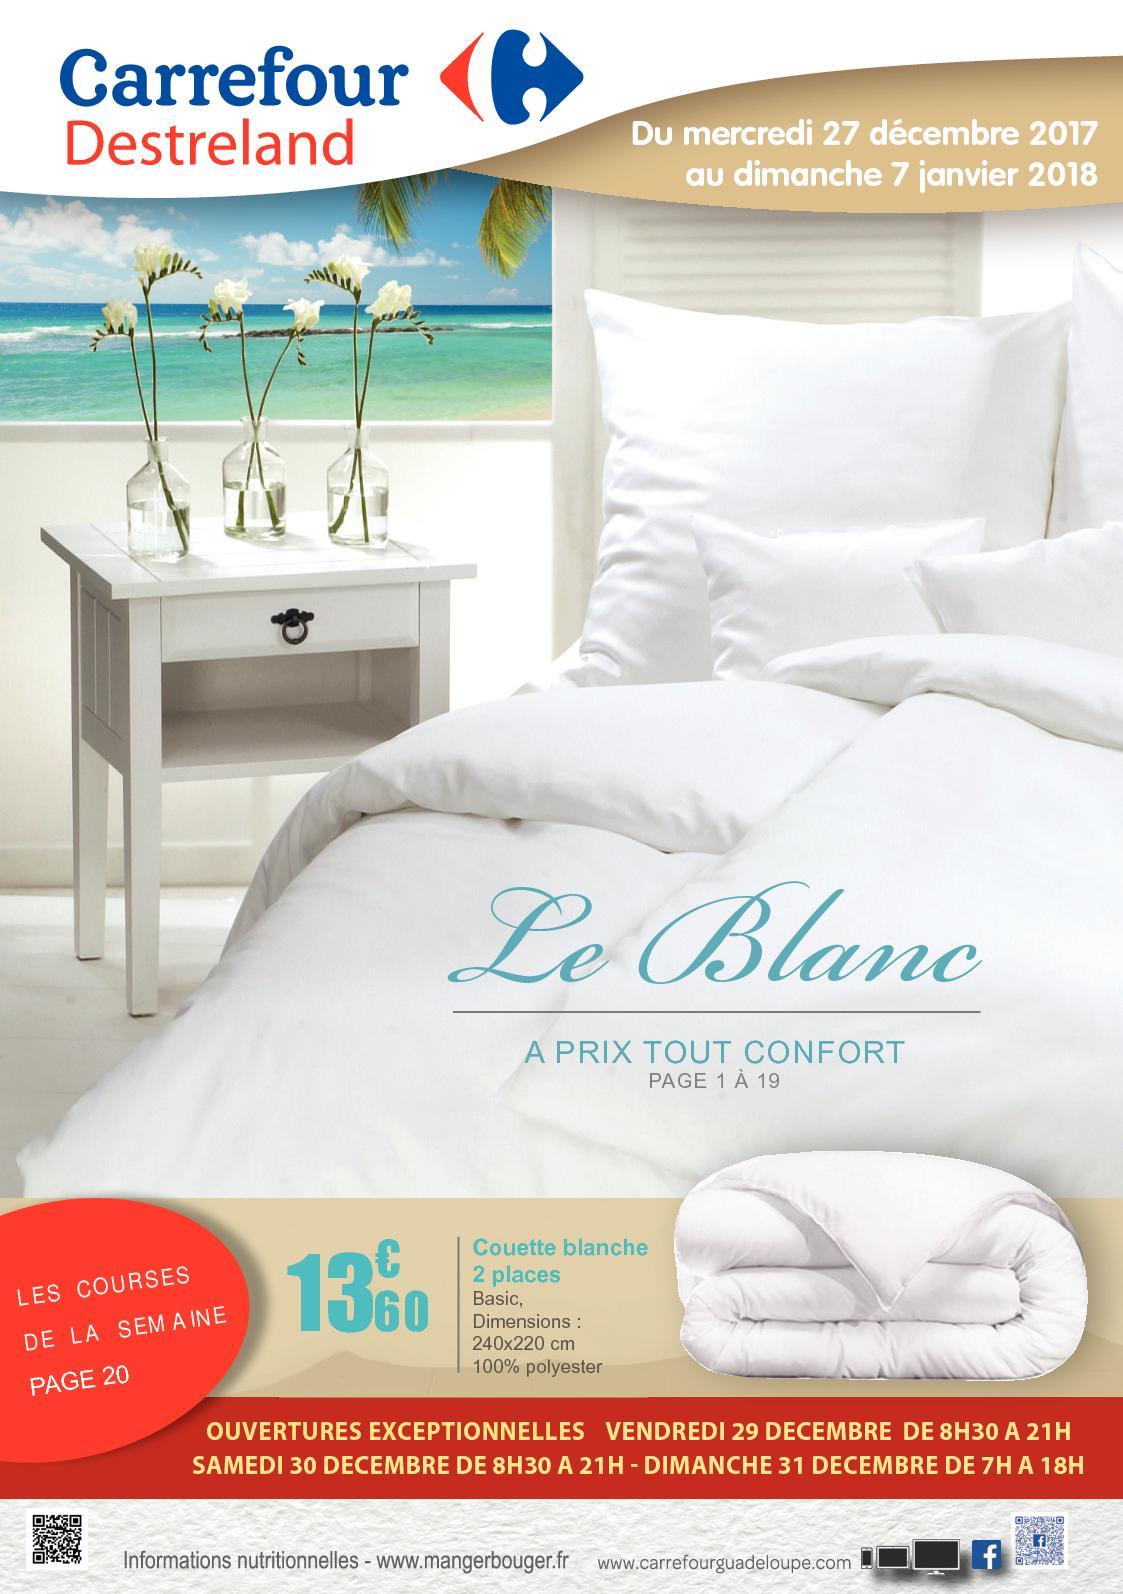 Calameo Carrefour Guadeloupe Destreland Catalogue Blanc 2018